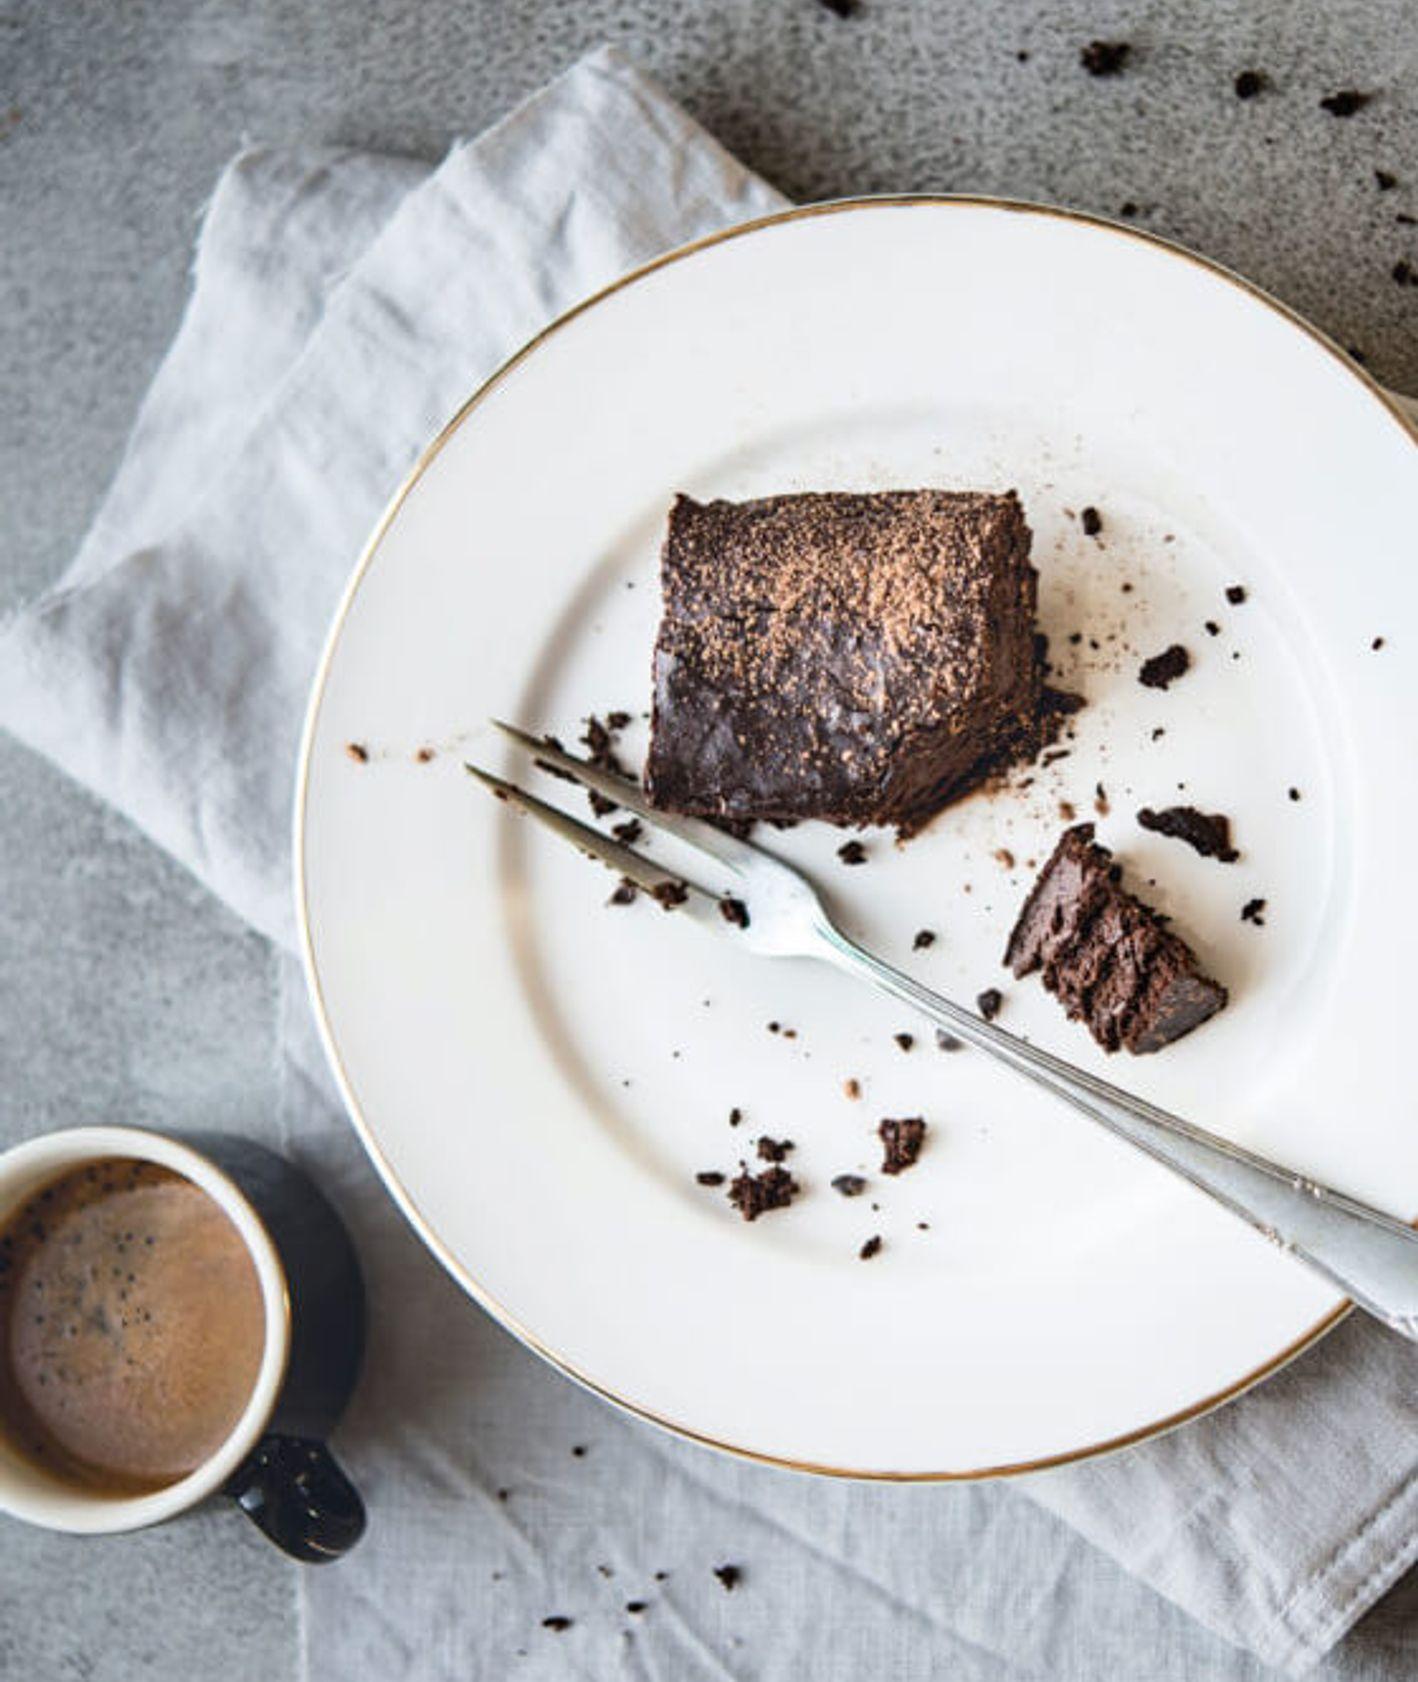 """Brownie z wędzonego bakłażana bez dodatku cukru, ksiażka """"Sezonowe warzywo"""" (fot. Dominika Wójciak)"""